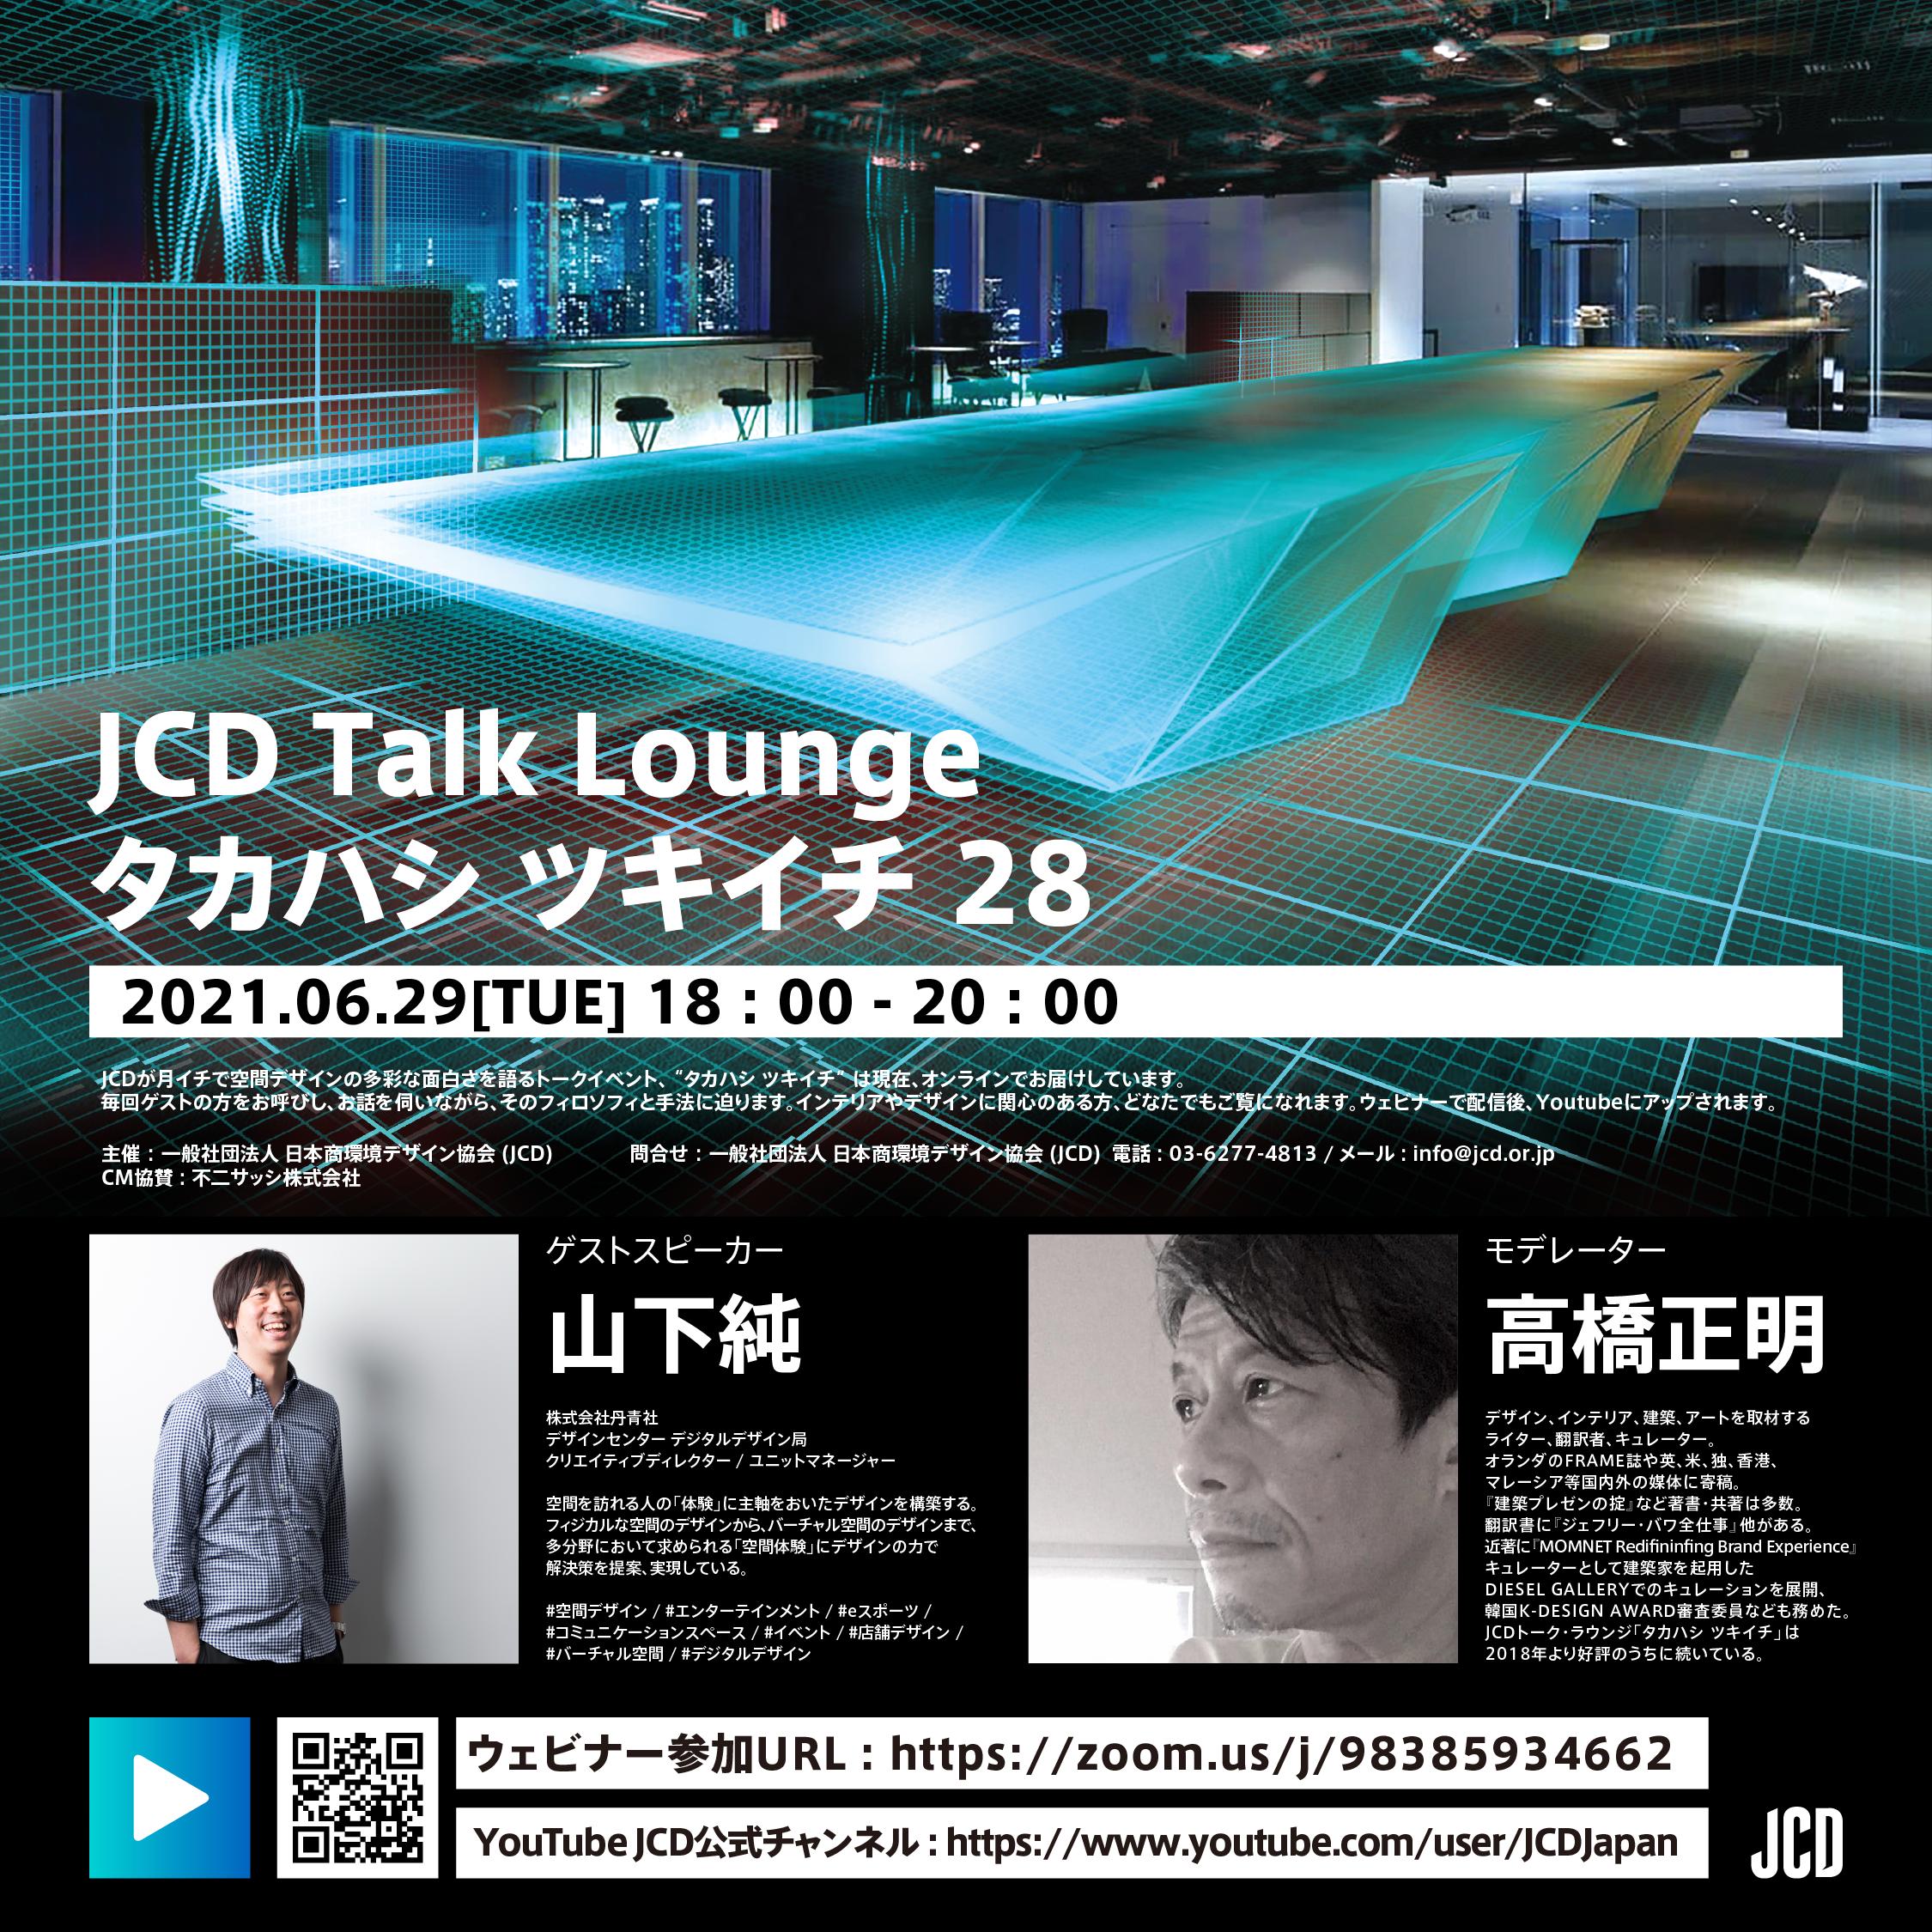 「JCD Talk Lounge タカハシ ツキイチ 28」フライヤー